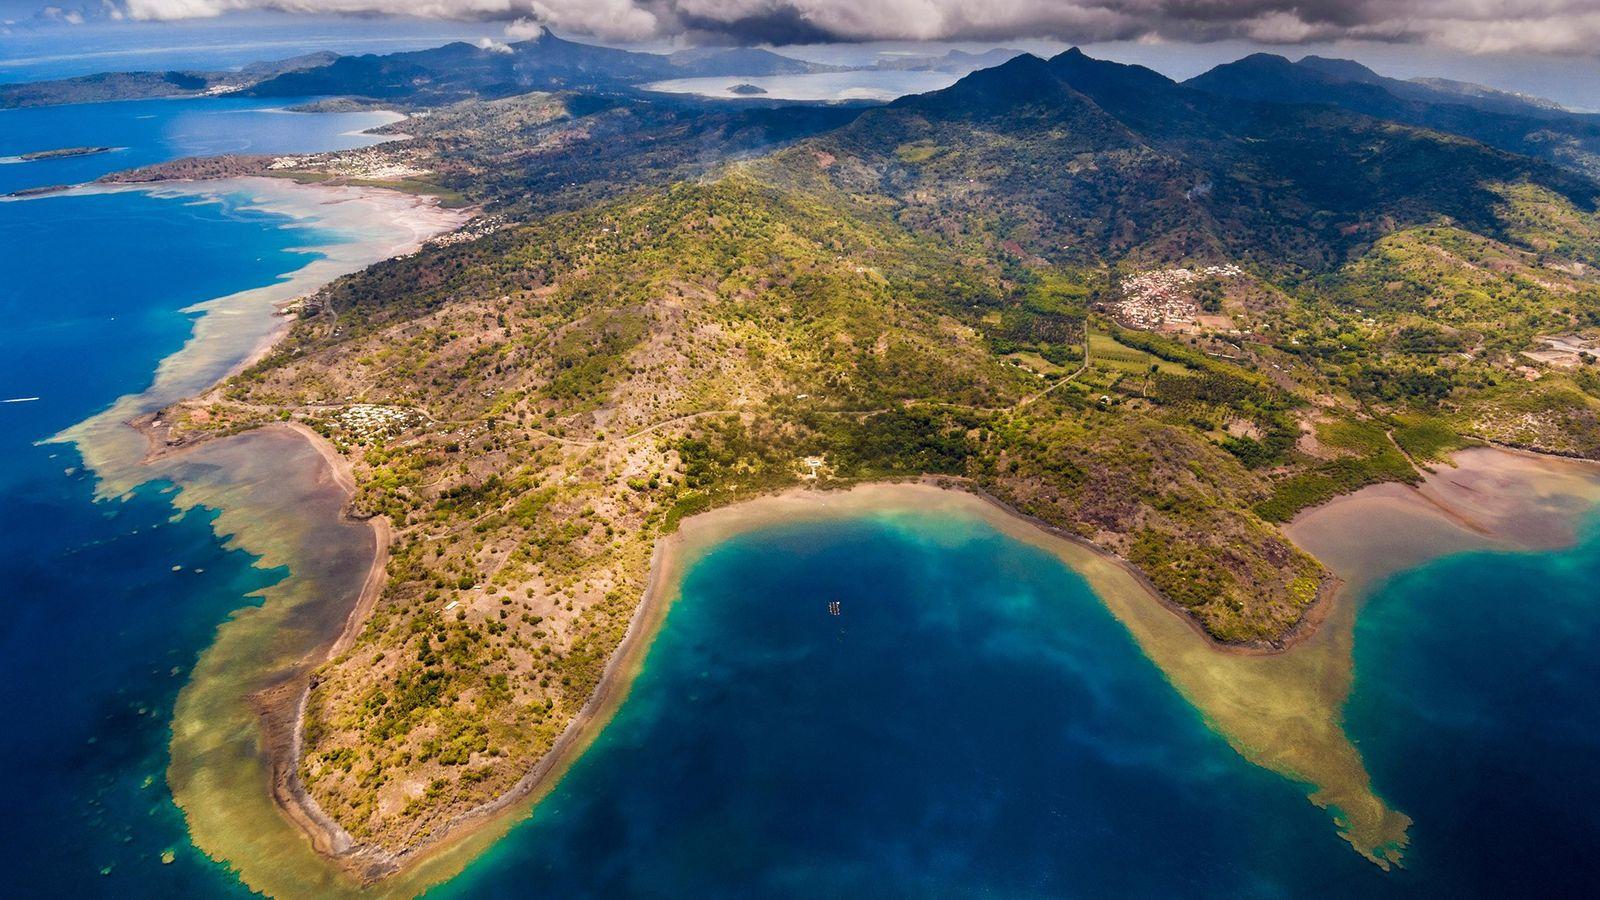 Vista aérea de la Isla Mayotte.